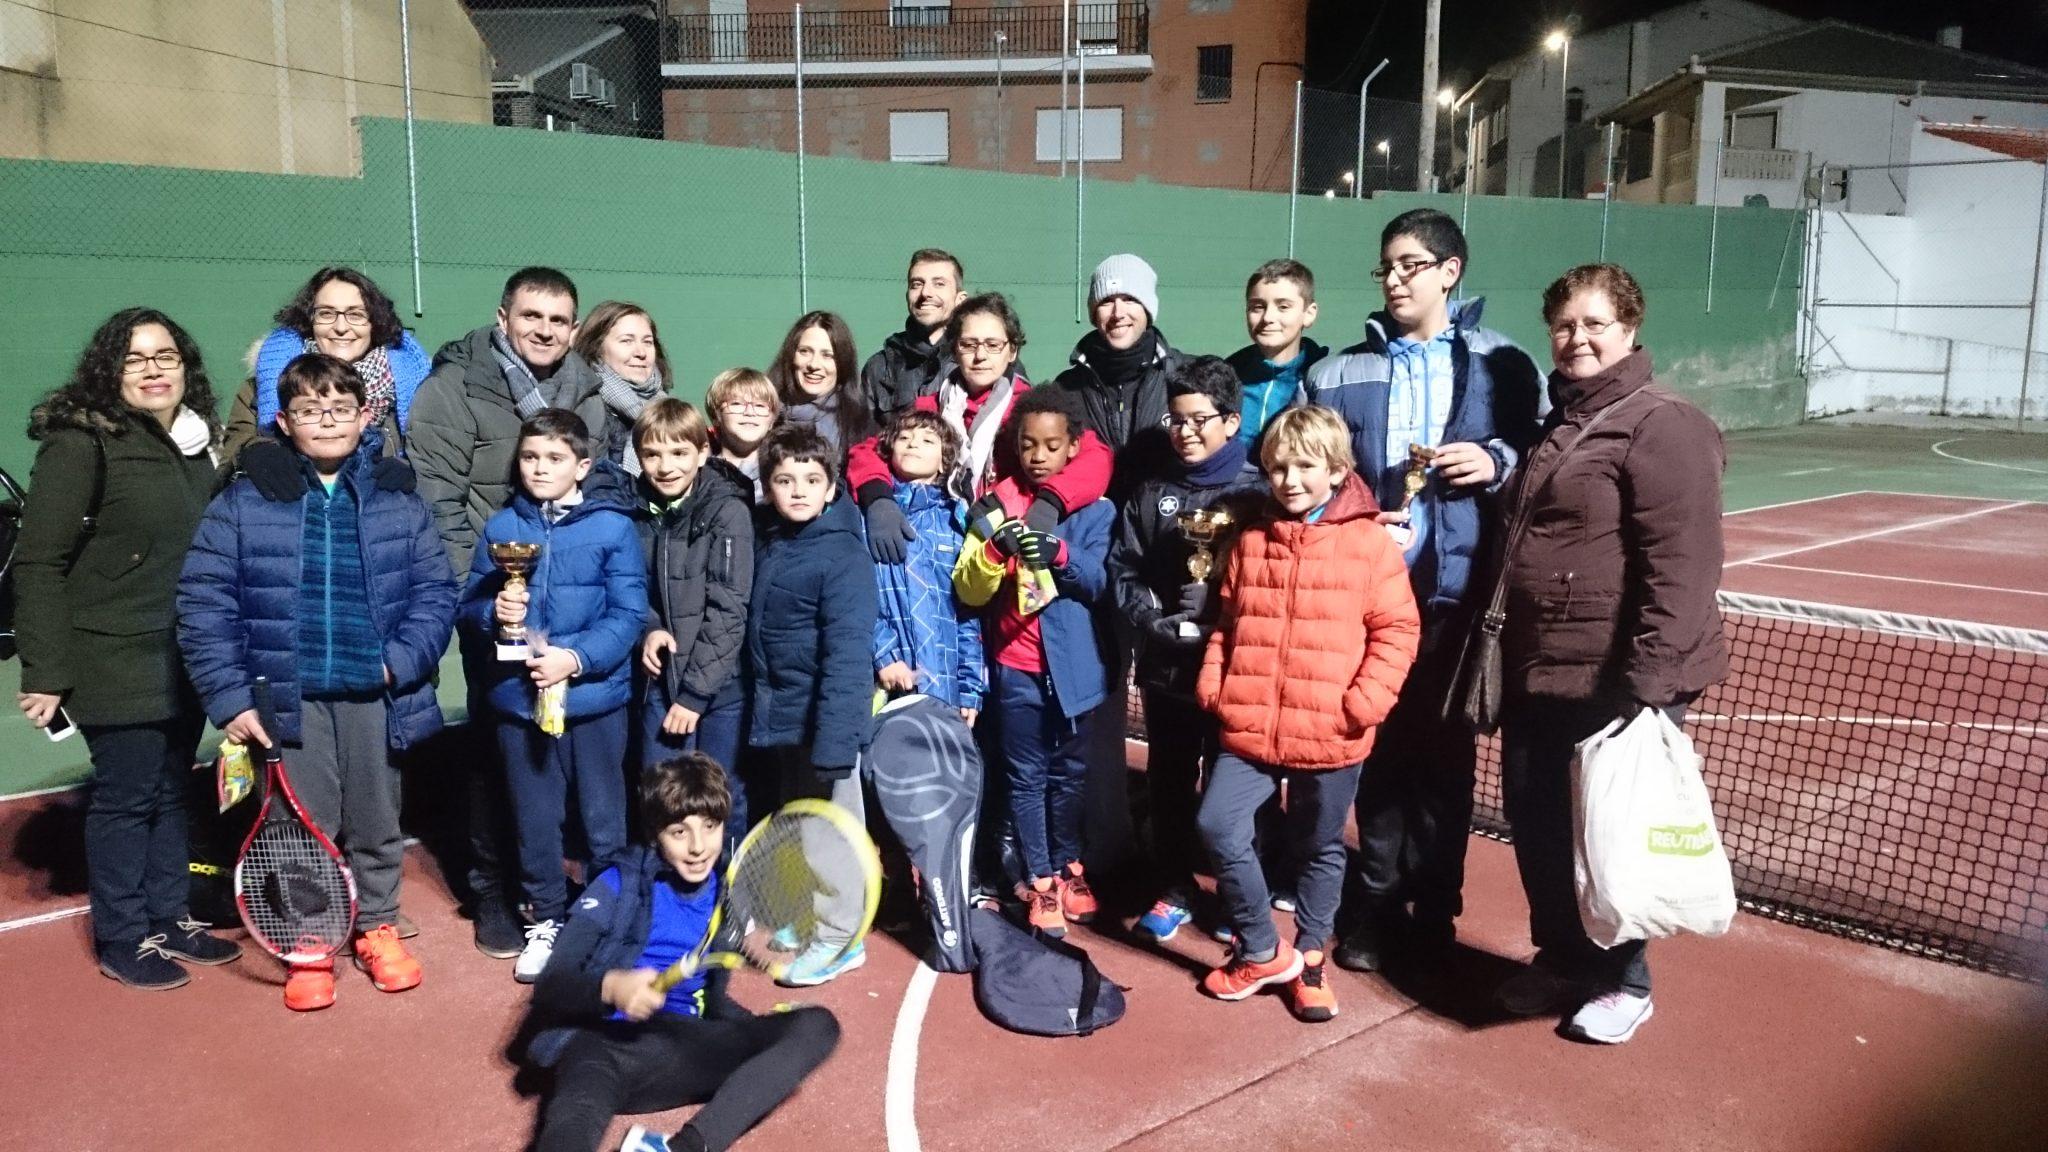 3-Participantes_Torneo_Tenis+10_Navidad_Bargas_2017